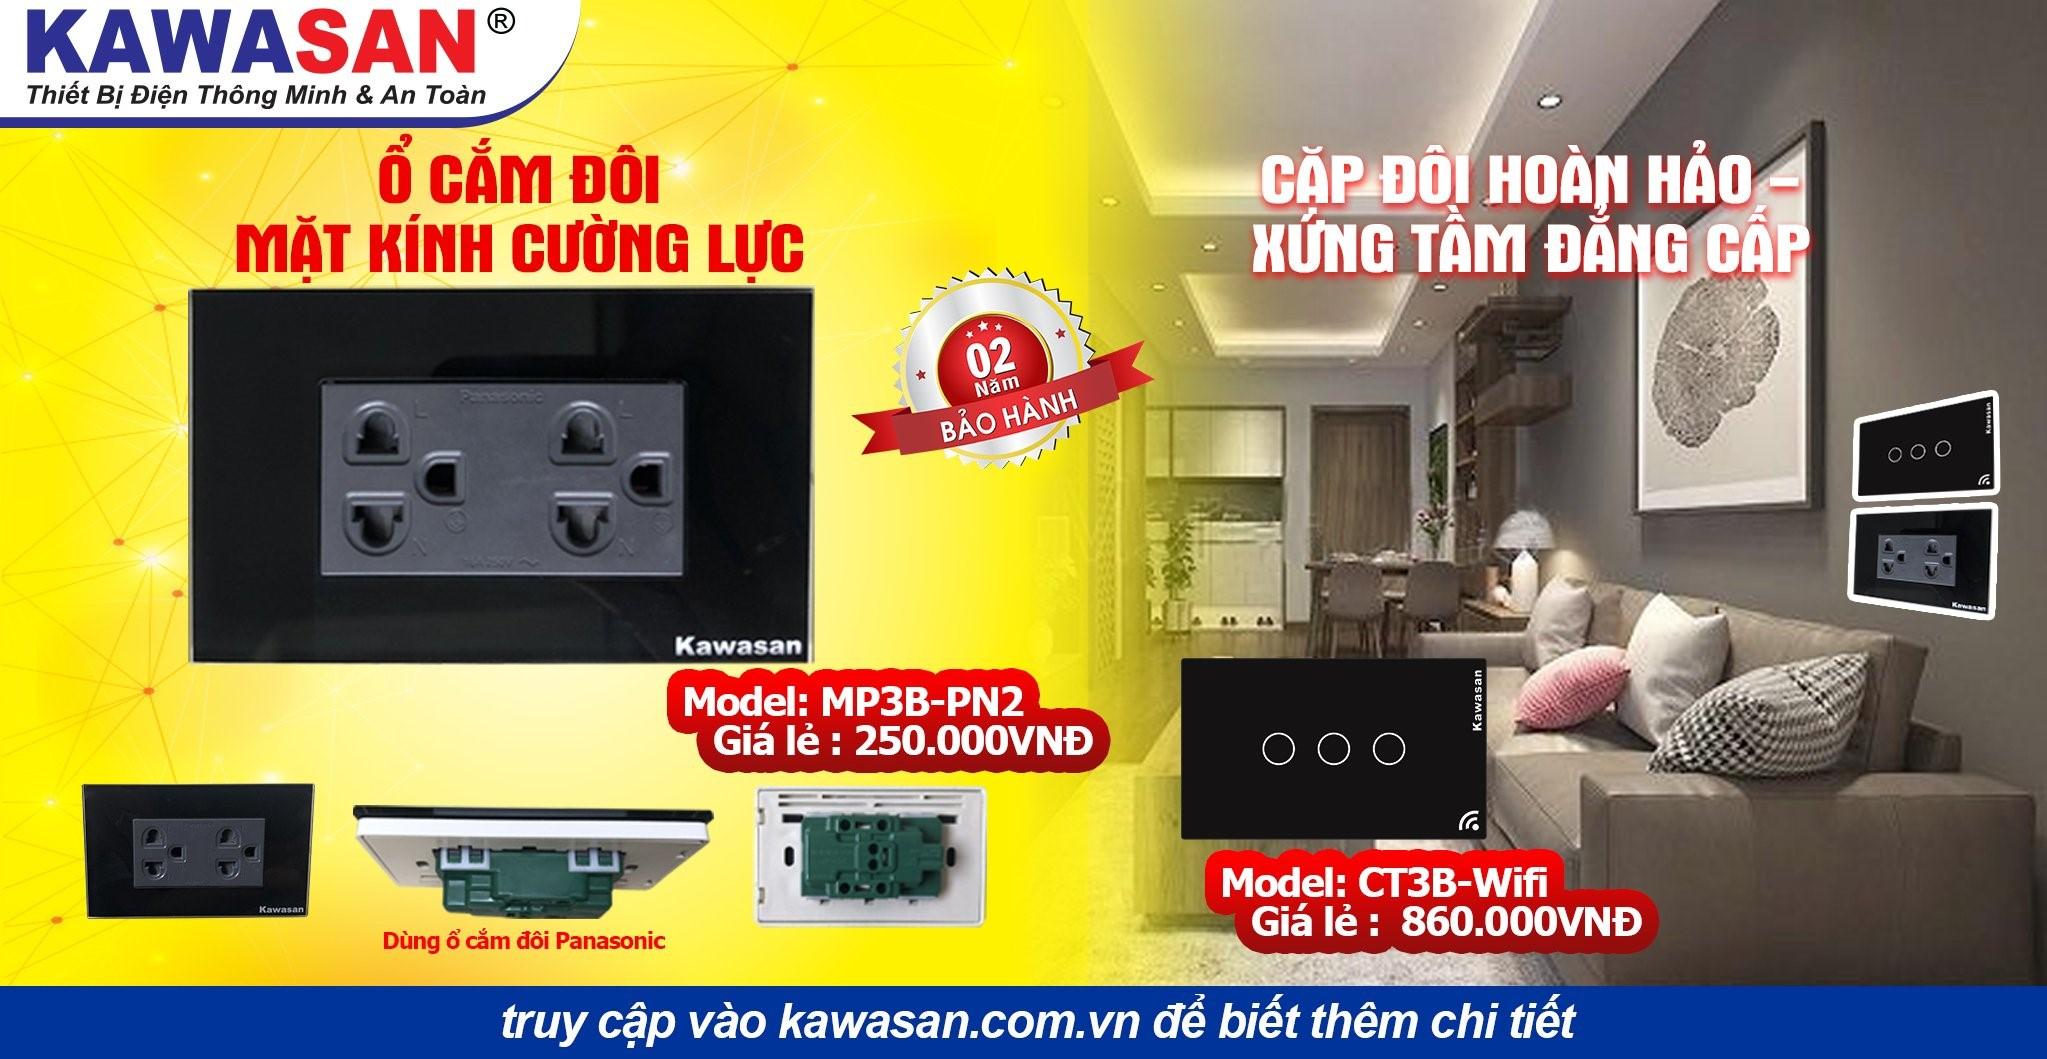 Loi Ich Khi Dung Dktuxa